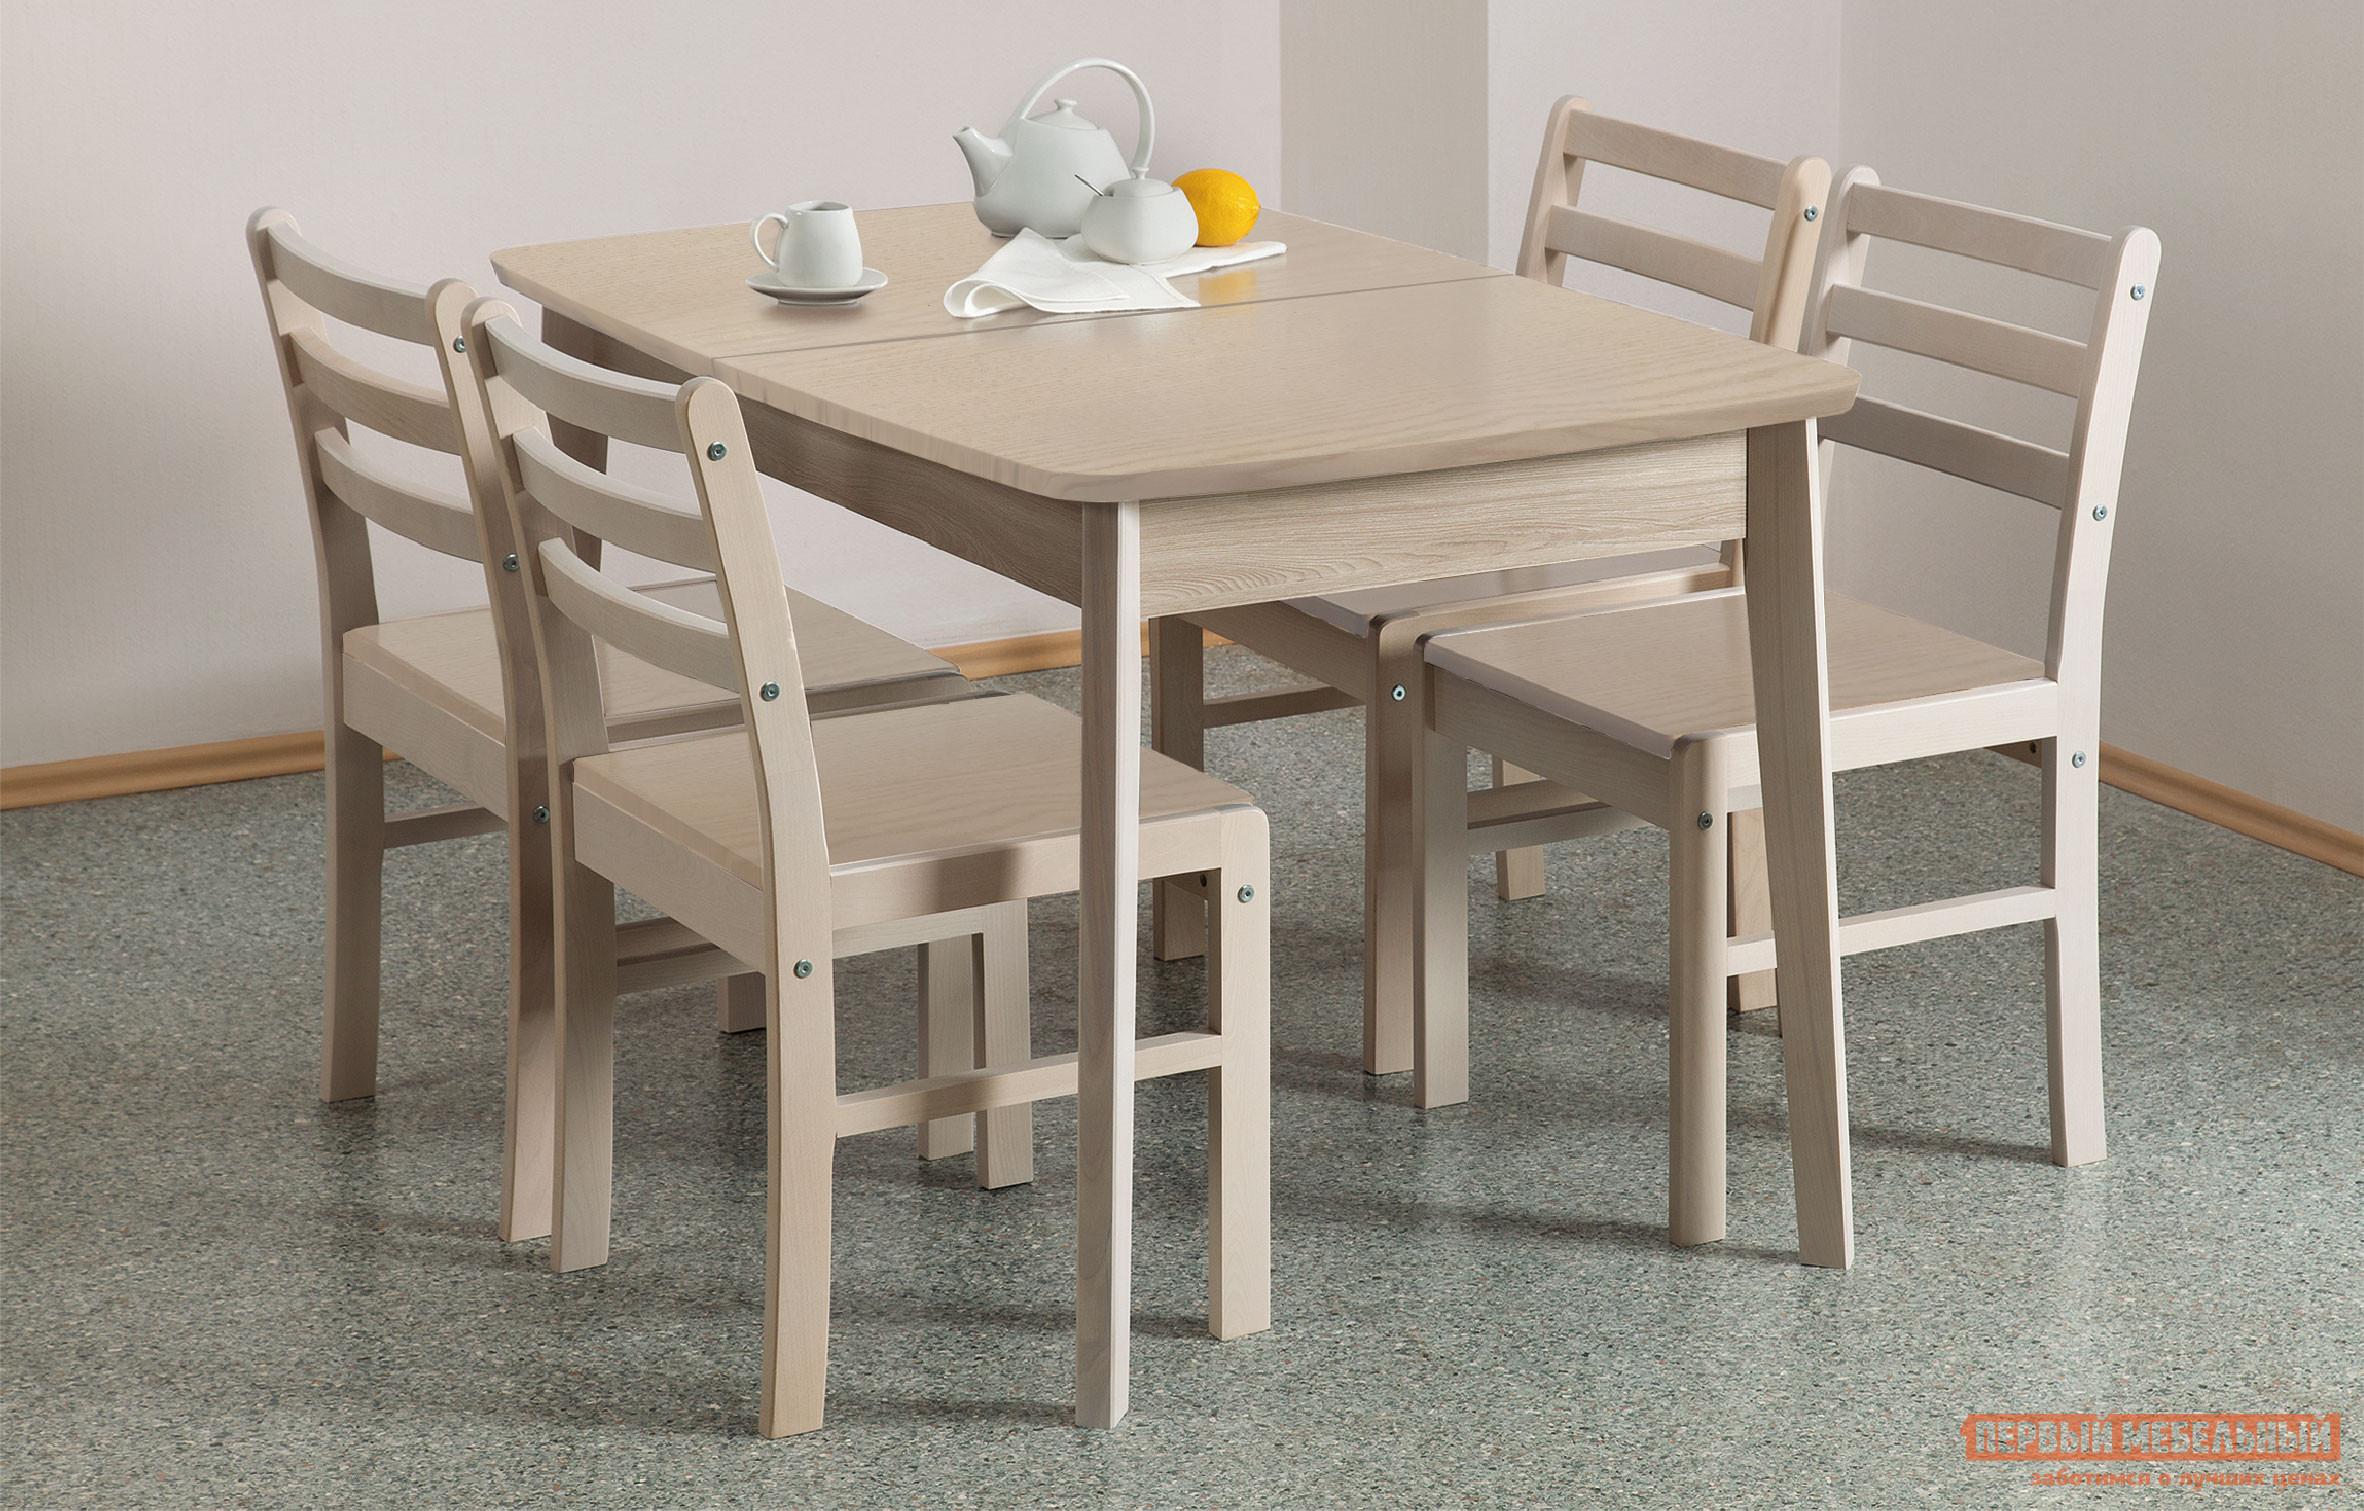 все цены на Обеденная группа для кухни Боровичи Стол обеденный раздвижной (овальная крышка) + 4 стула Массив в интернете